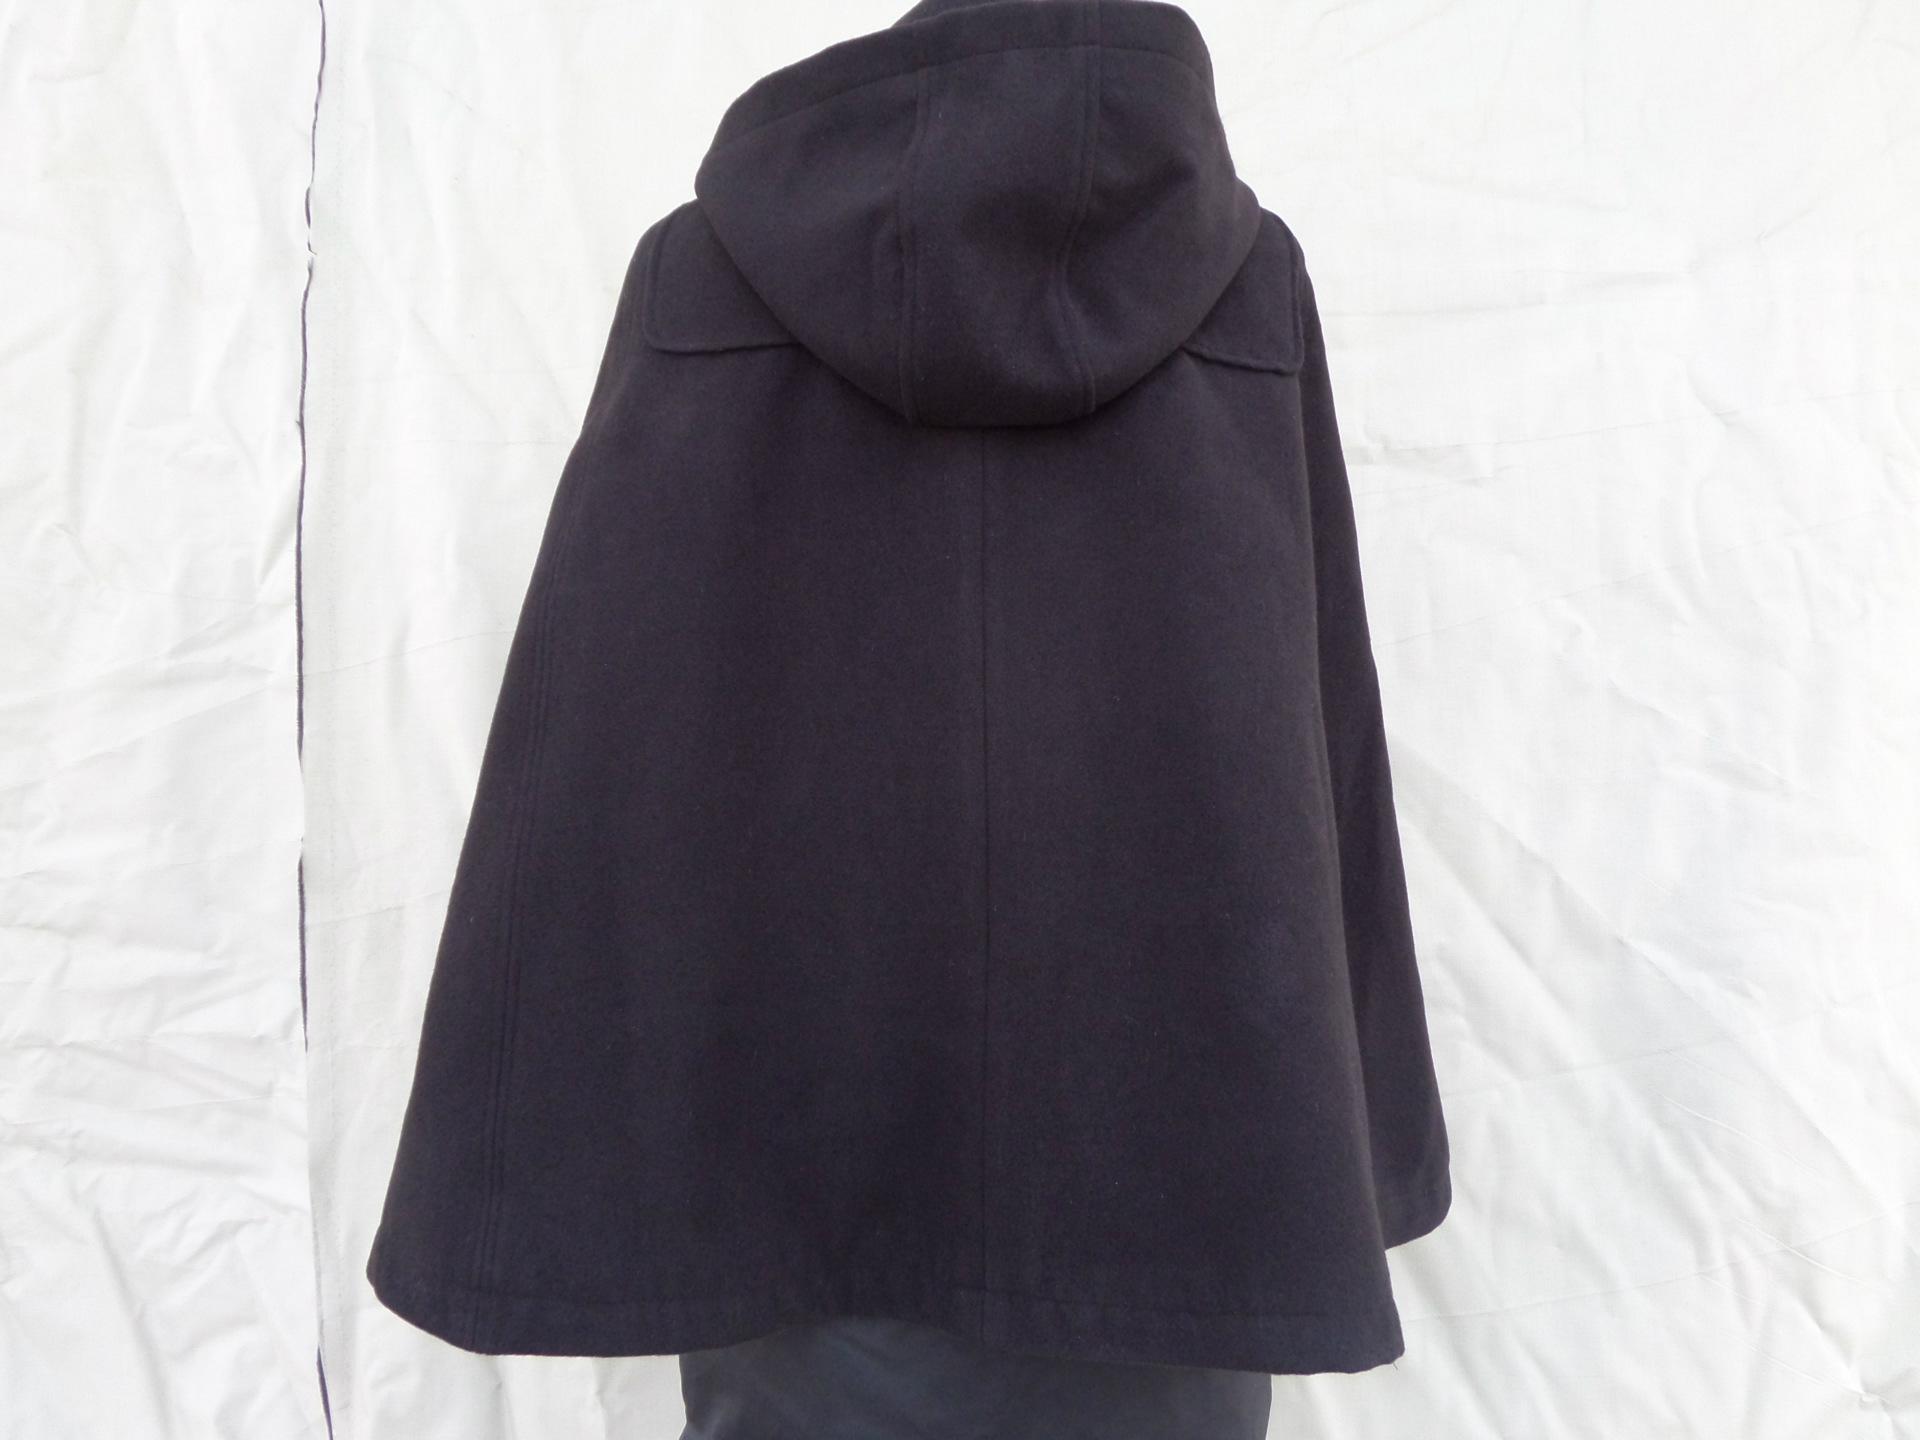 女式斗篷外套_女式 斗篷 风衣